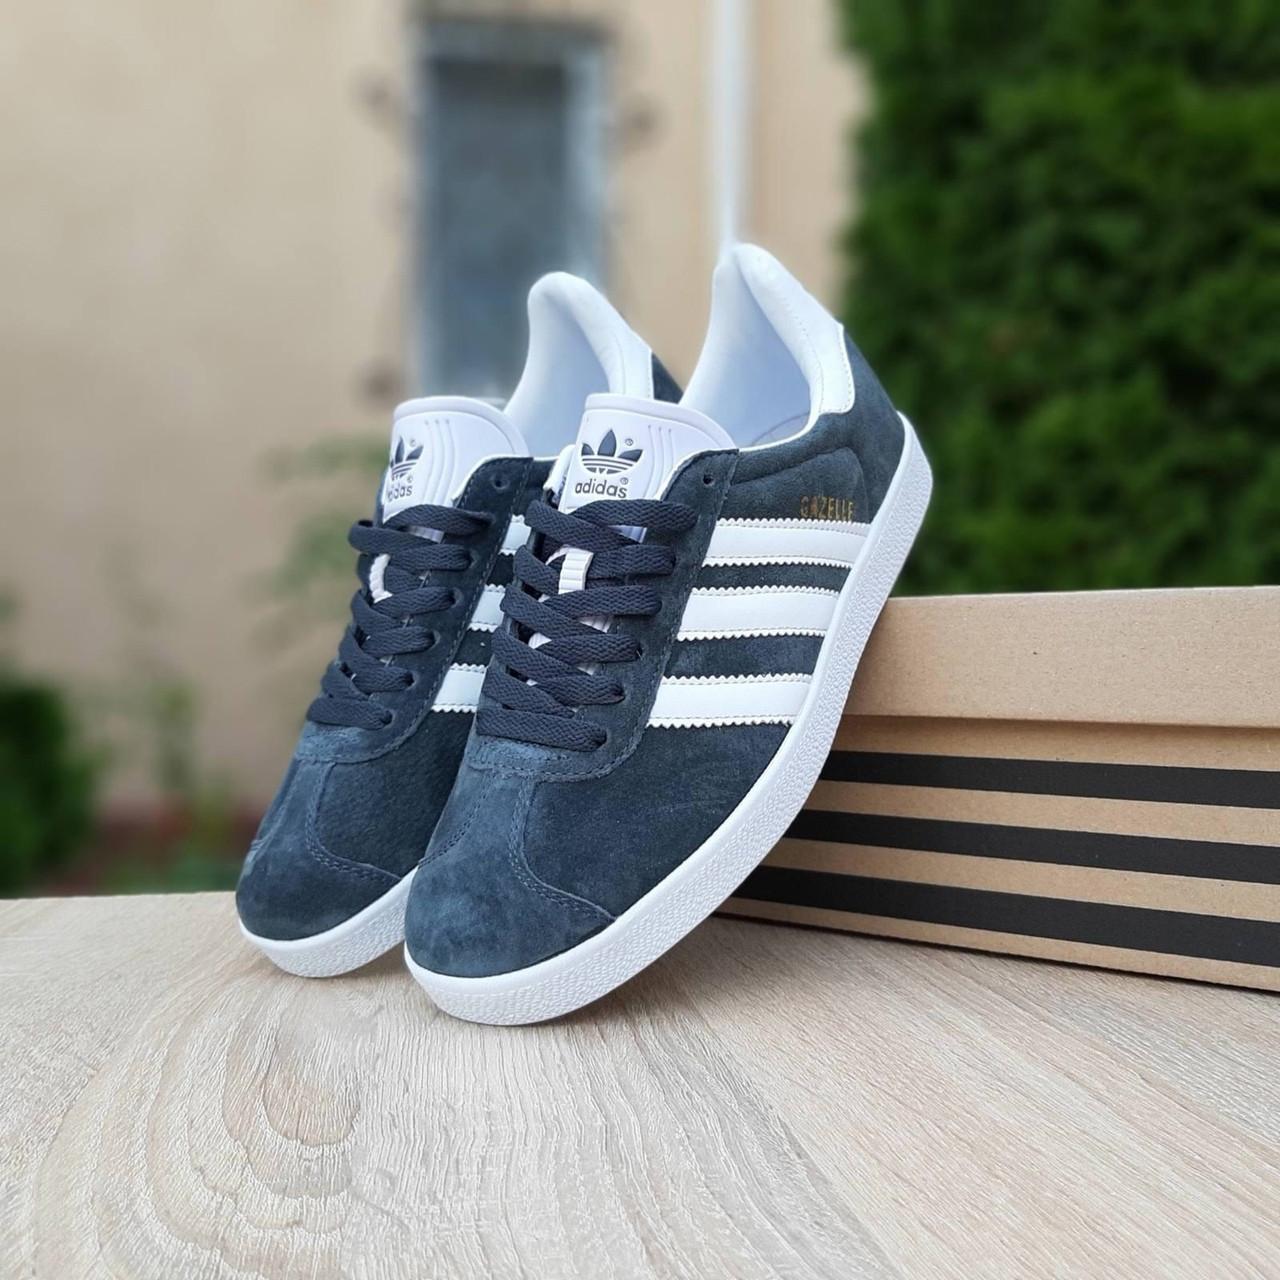 Чоловічі кросівки Adidas Gazelle сірі з білим